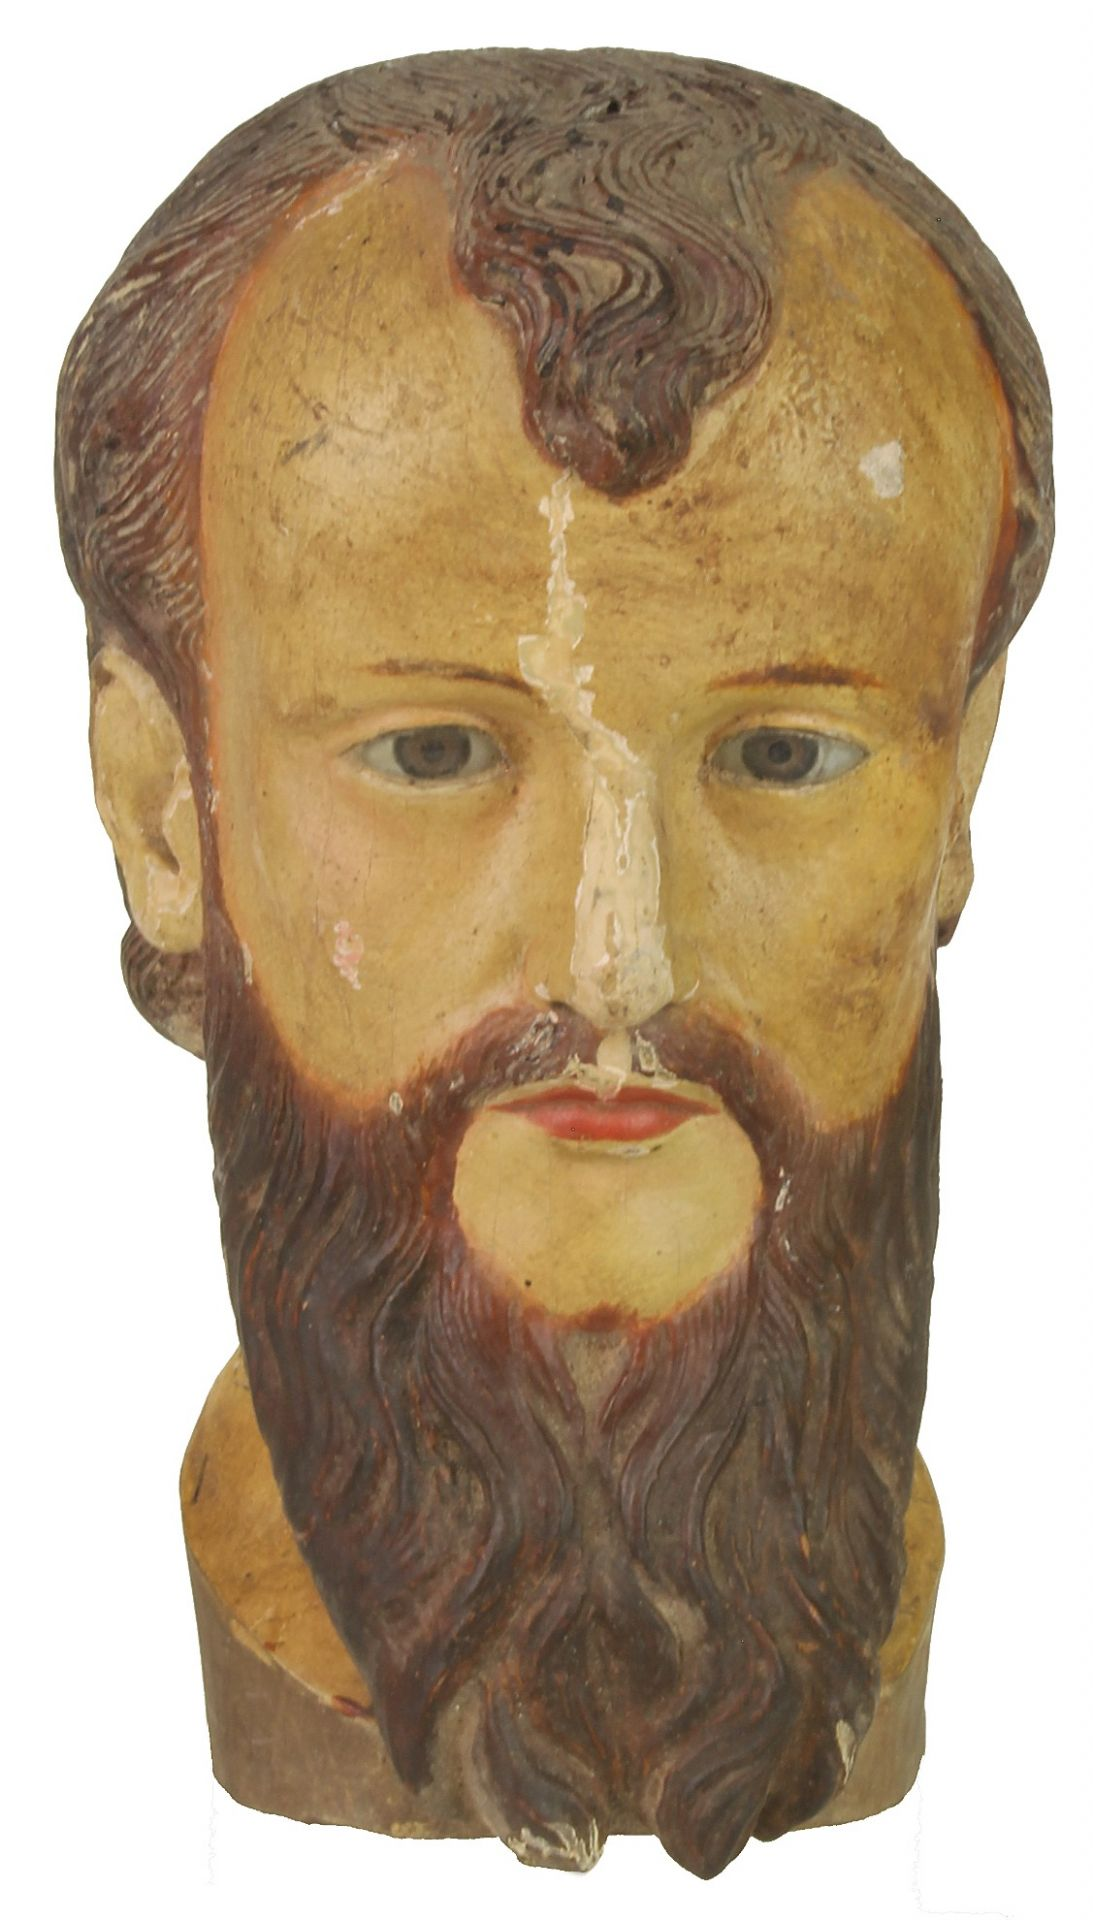 Antique Catholic Saint Figure Head - Viet Nam